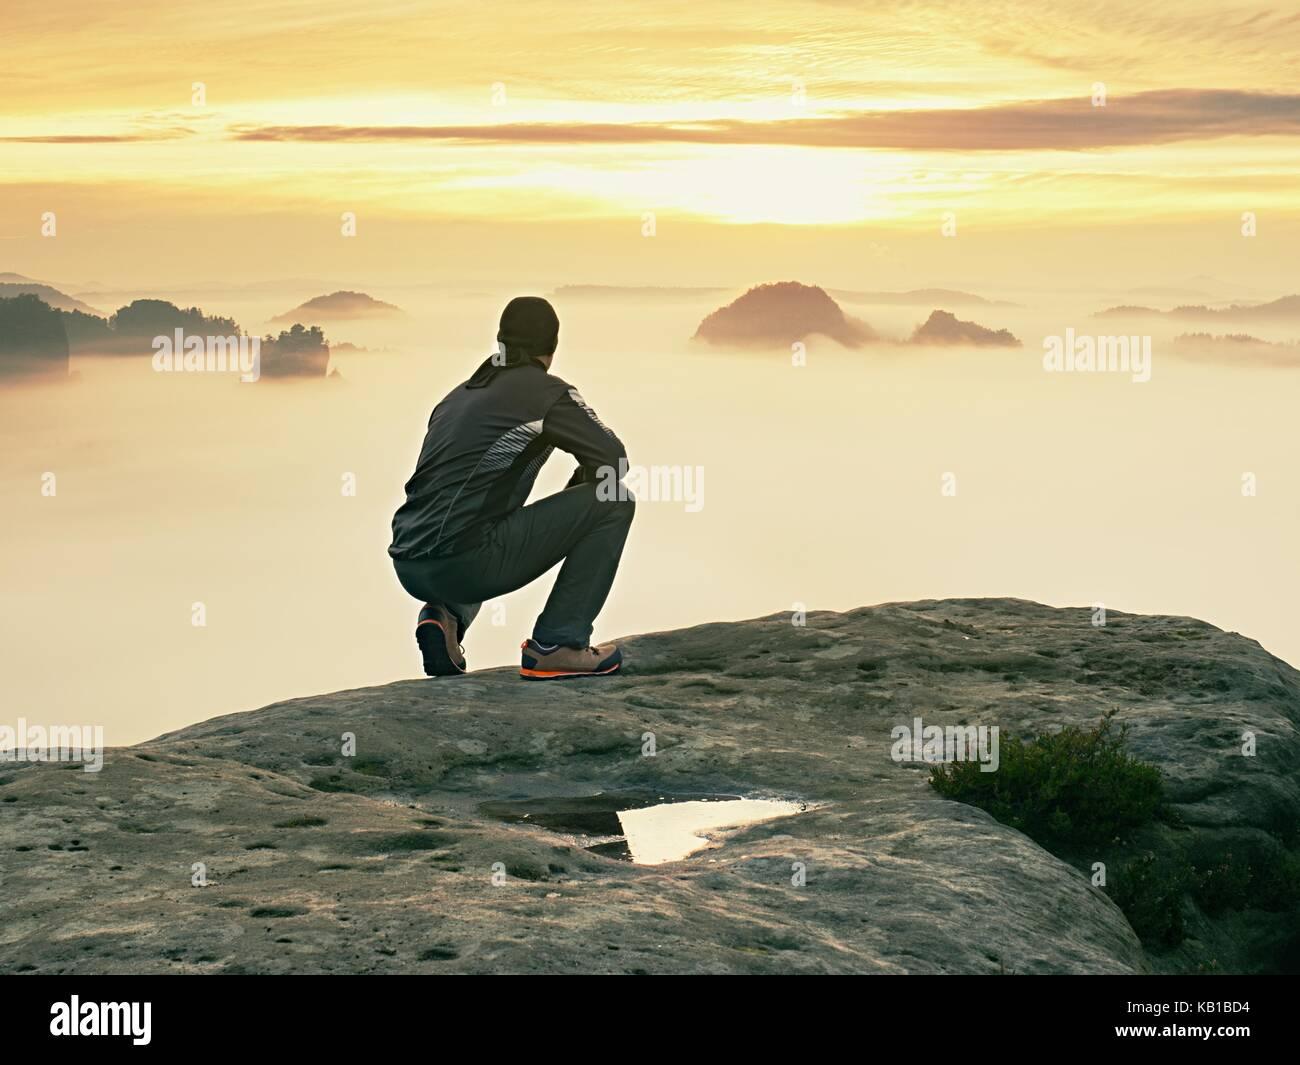 Turista sentarse en pico de roca arenisca y viendo en colorido el vapor y la niebla en la mañana valle. triste hombre. Foto de stock